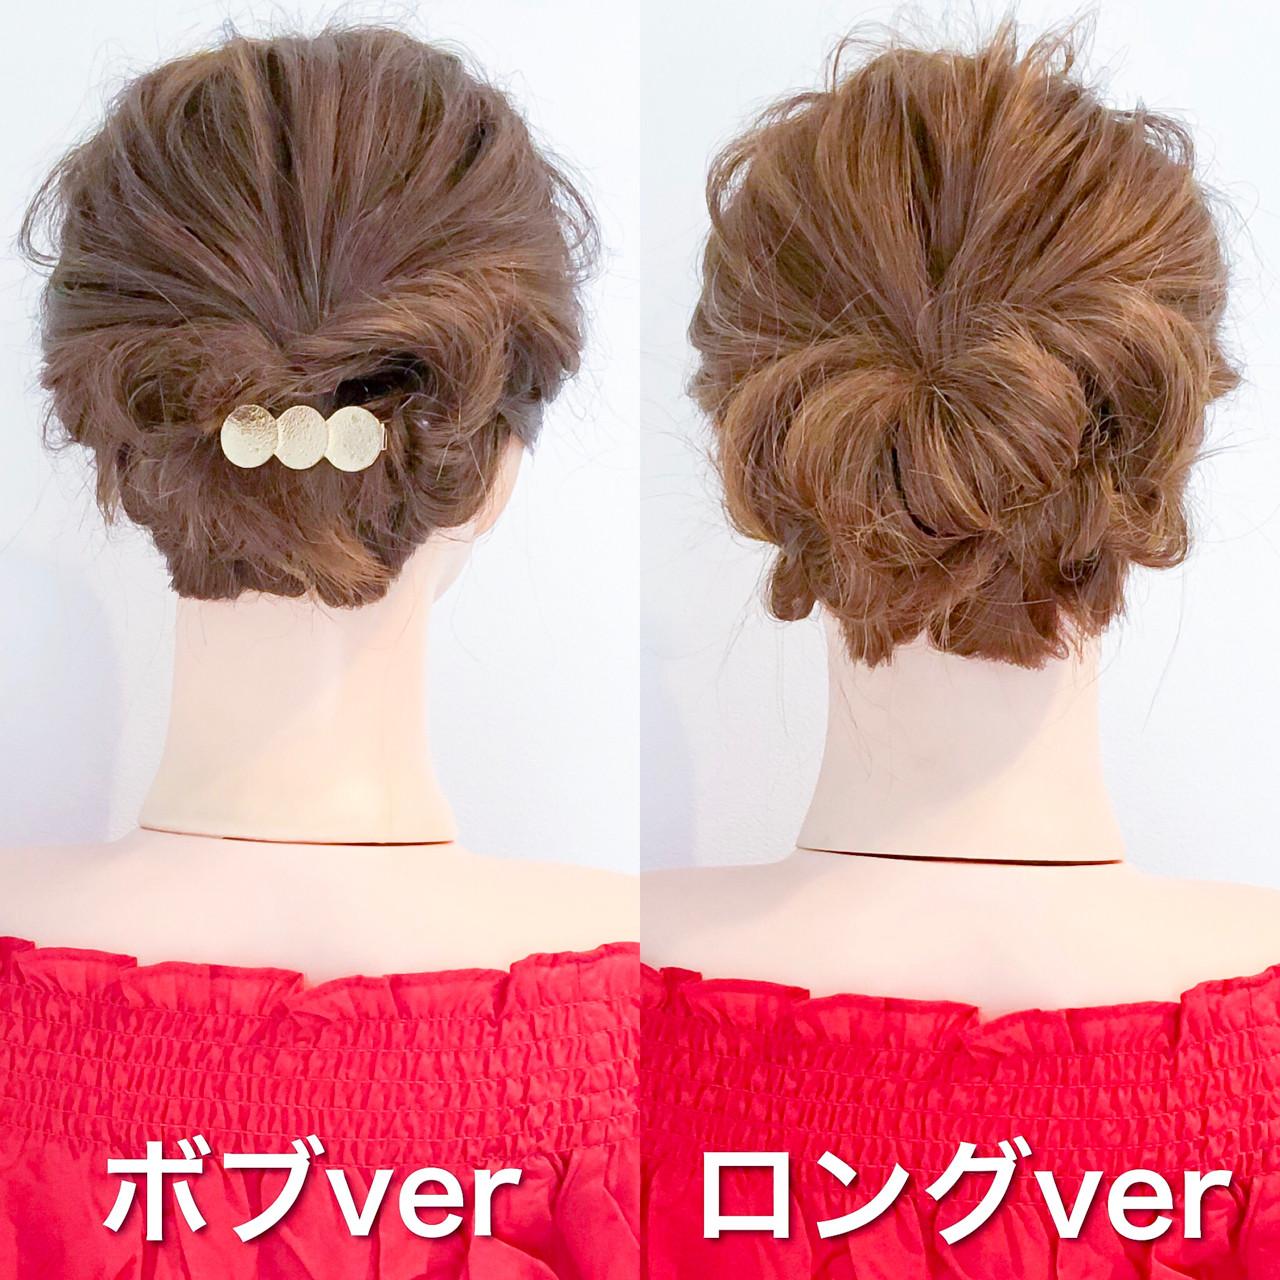 簡単ヘアアレンジ オフィス ヘアアレンジ ロング ヘアスタイルや髪型の写真・画像 | 美容師HIRO/Amoute代表 / Amoute/アムティ